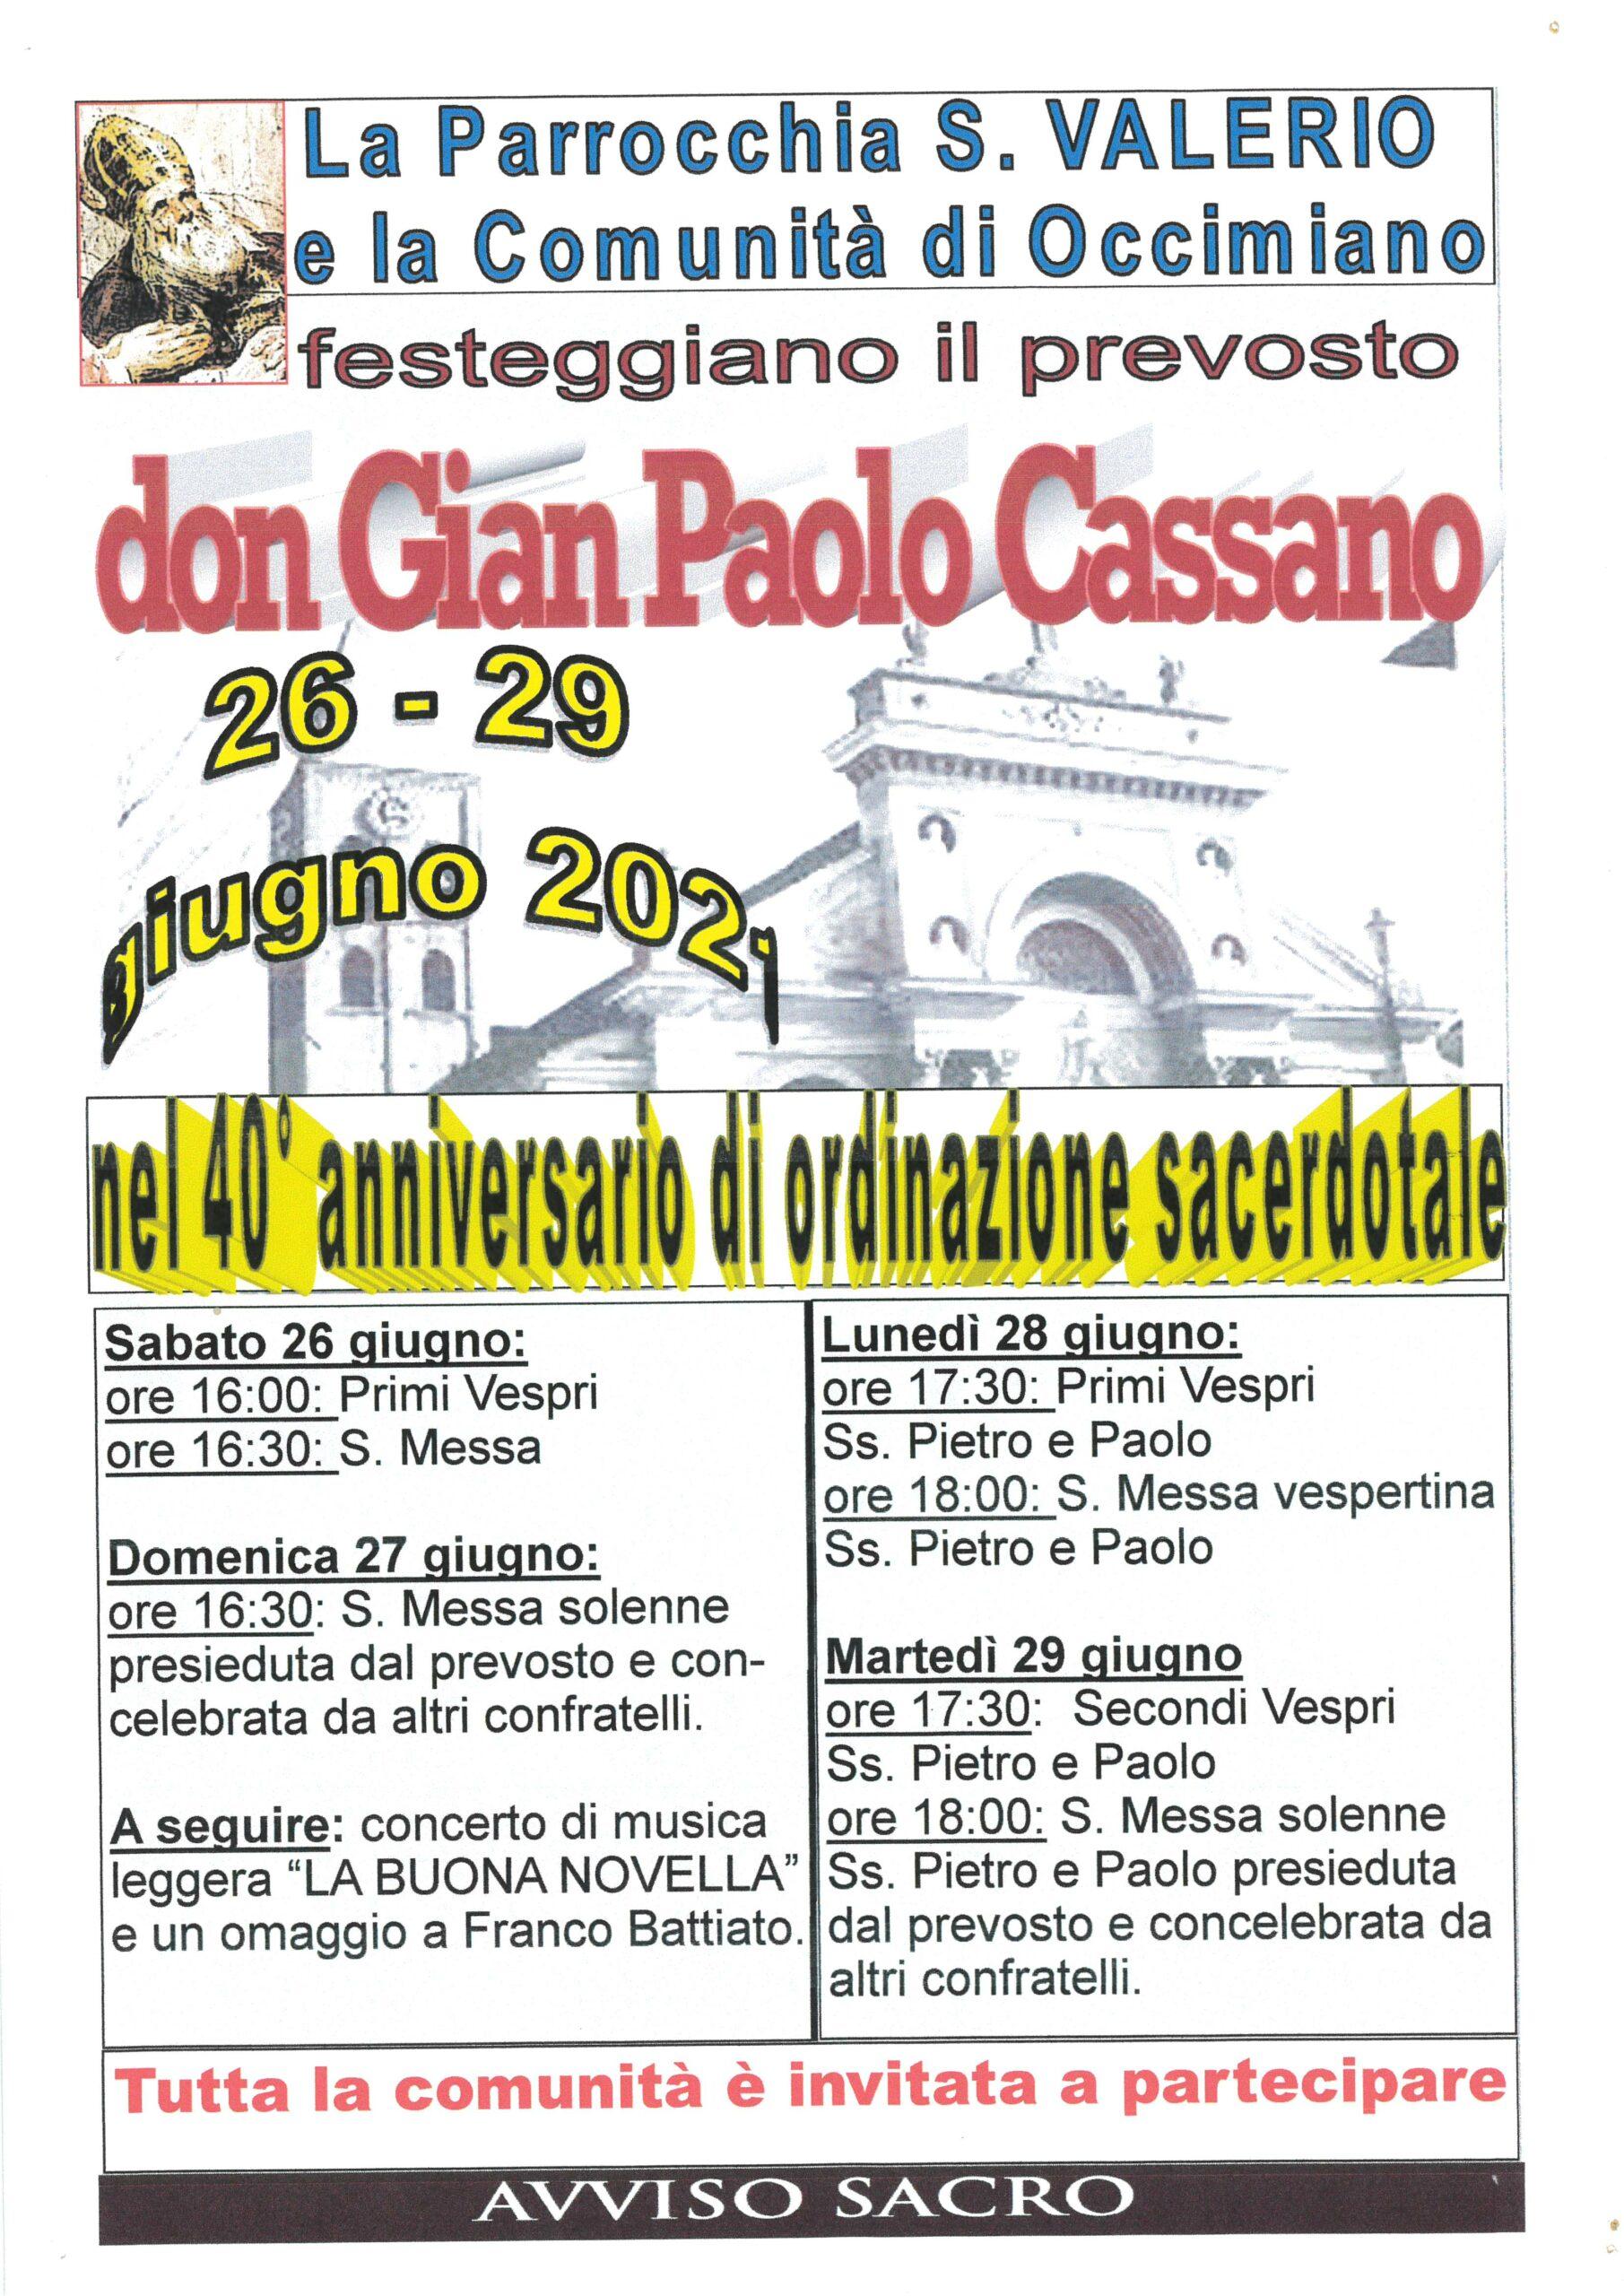 Cassano Don Gian Paolo – 40^ anniversario ordinazione sacerdotale – domenica 27 giugno